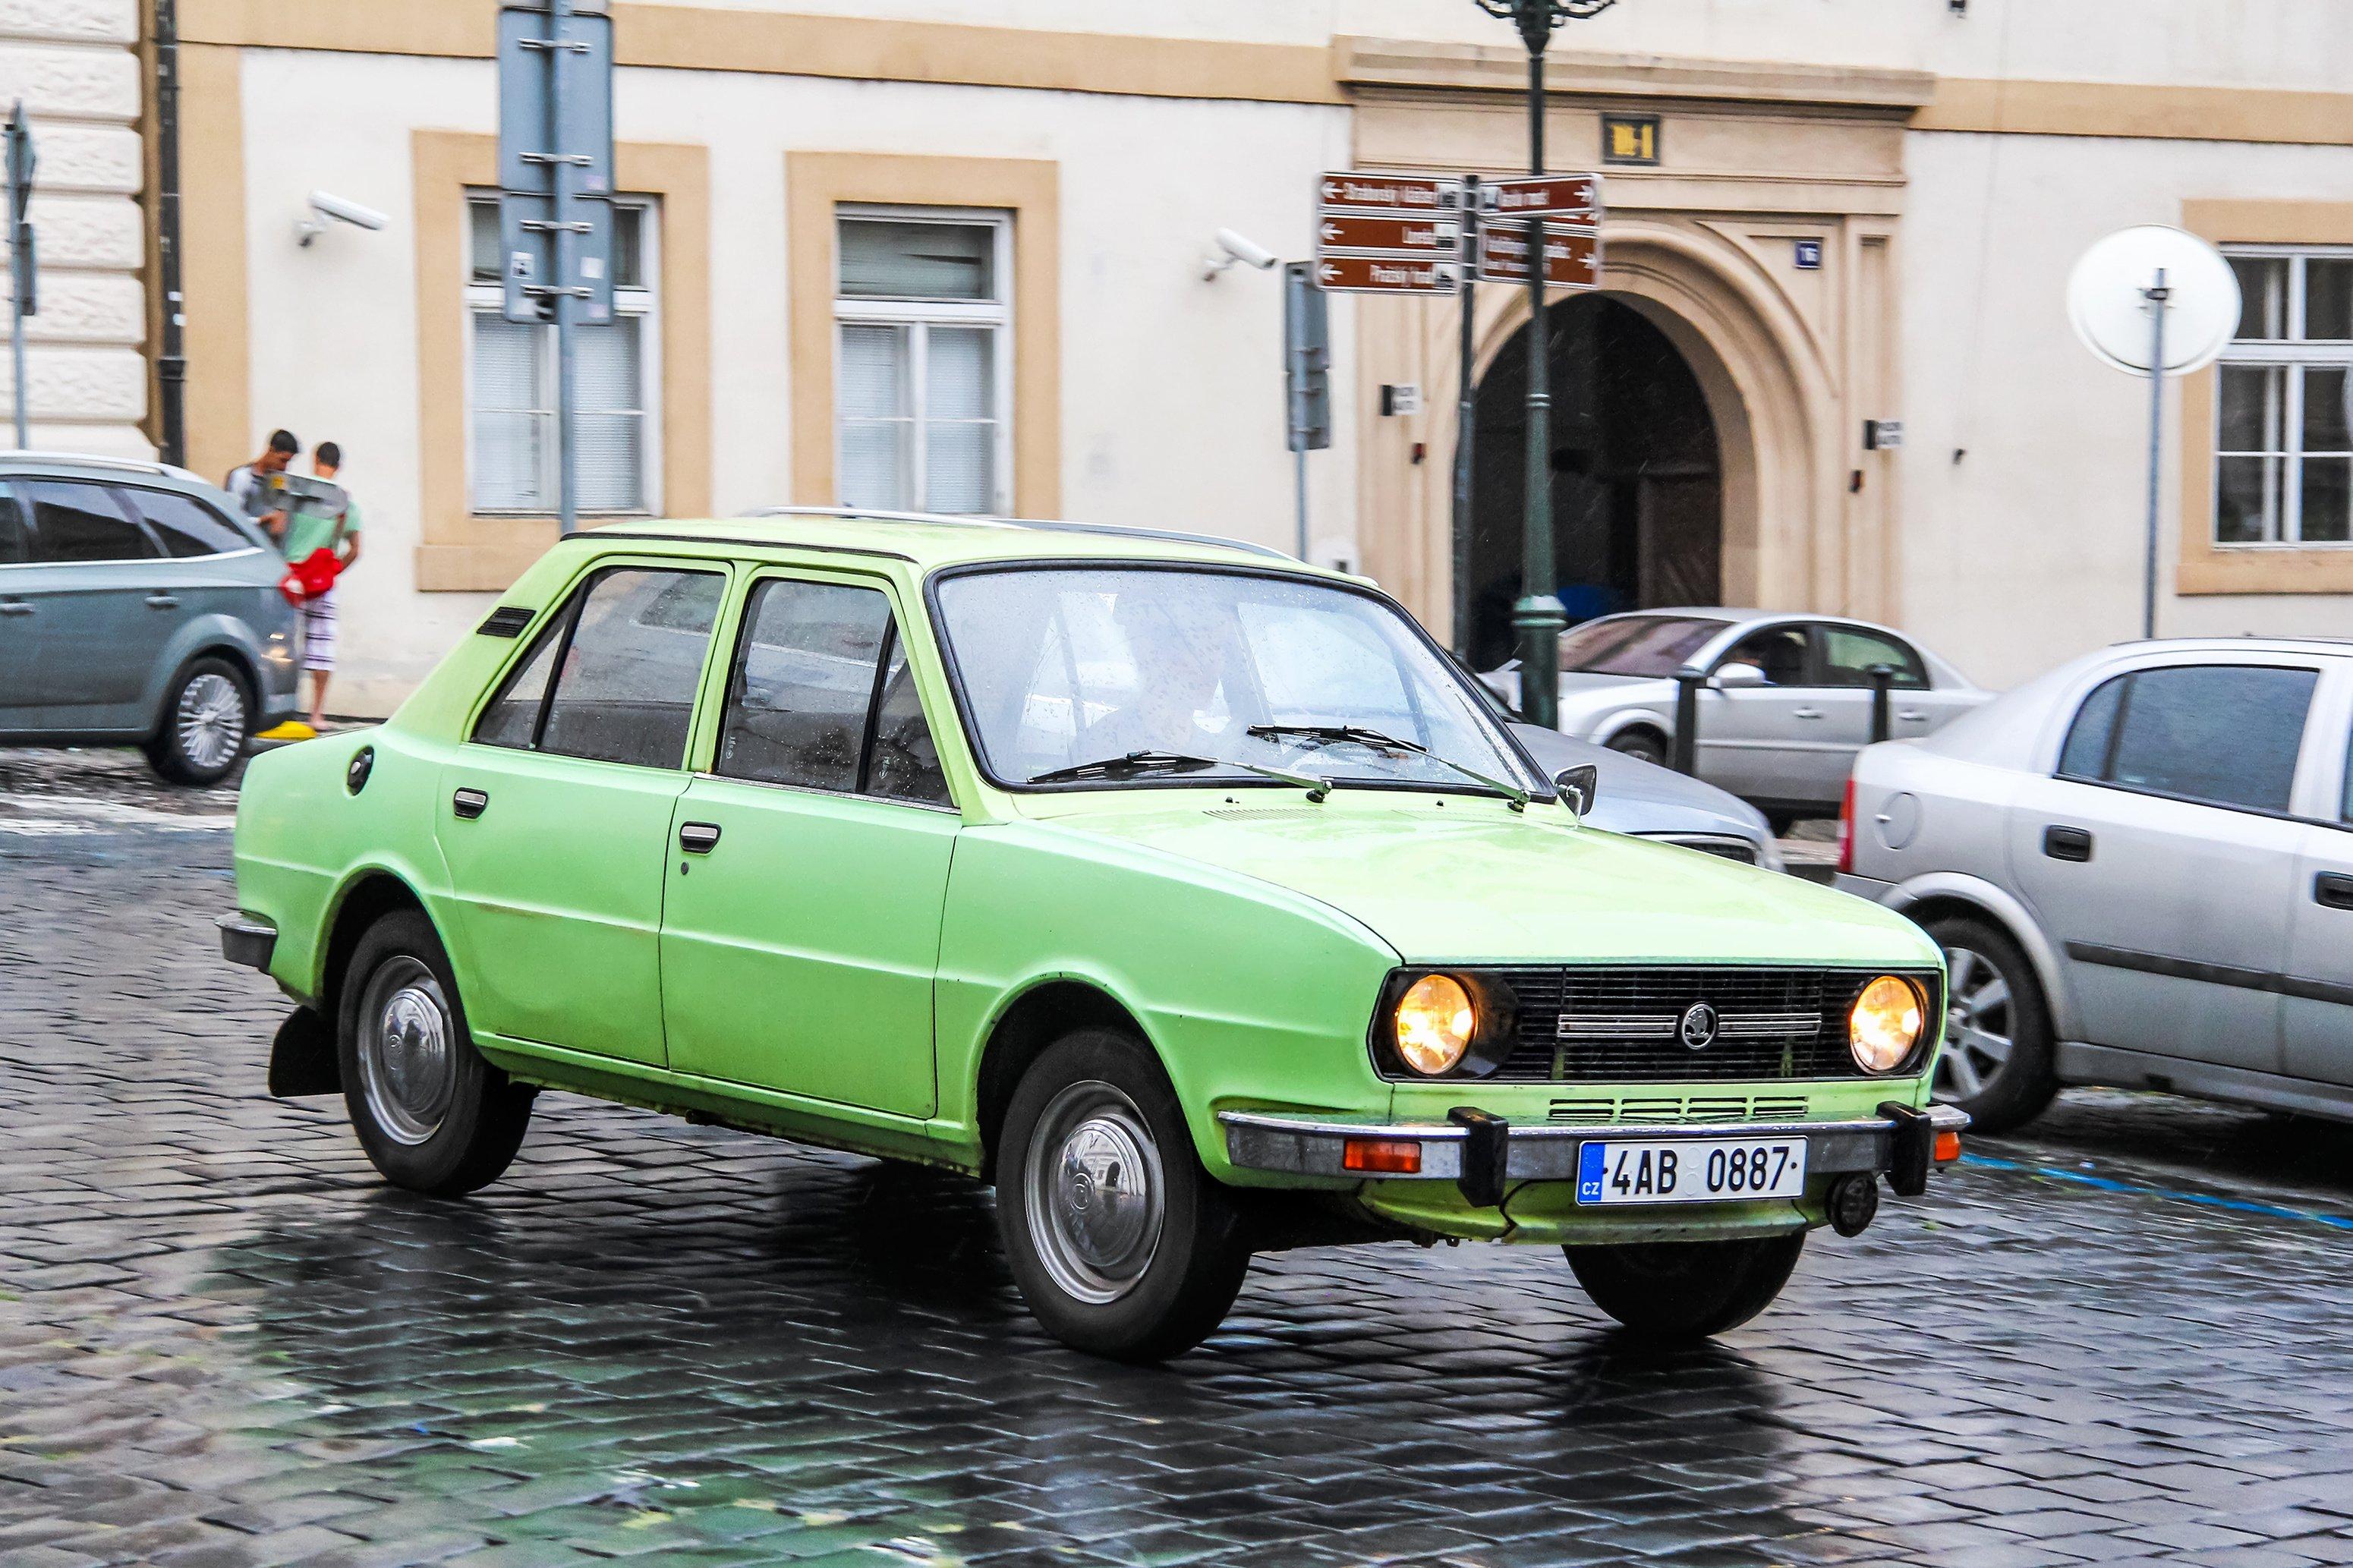 Automobilismus v ČR. Jaké vozy Češi nejvíce kupovali a kupují?